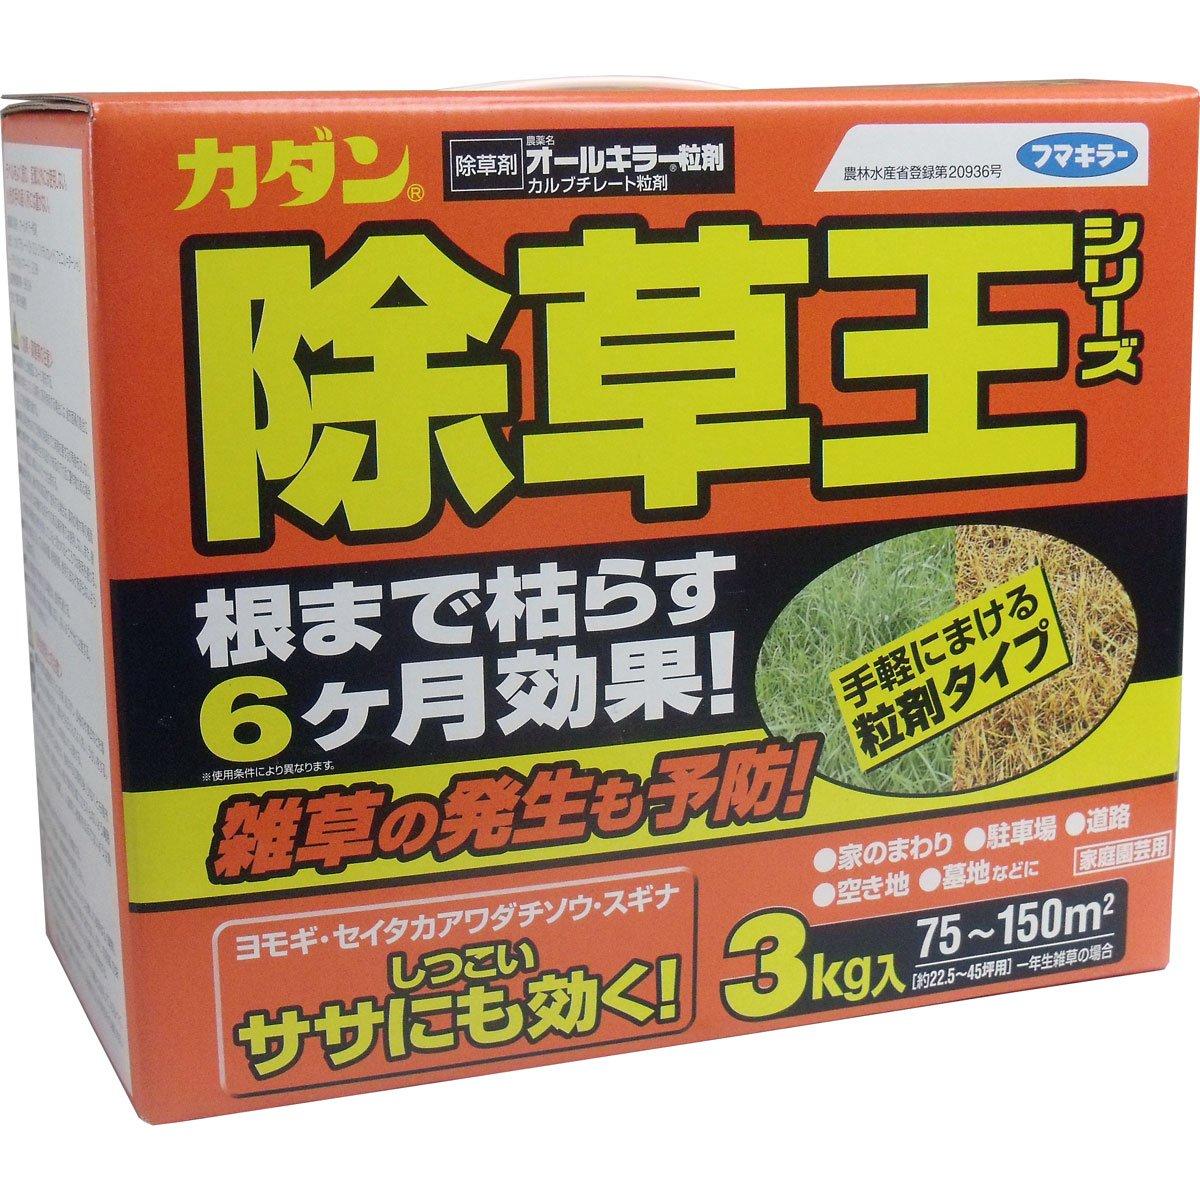 カダン 除草王 オールキラー粒剤 除草剤 3Kg 2個セット B00CGSXUEM